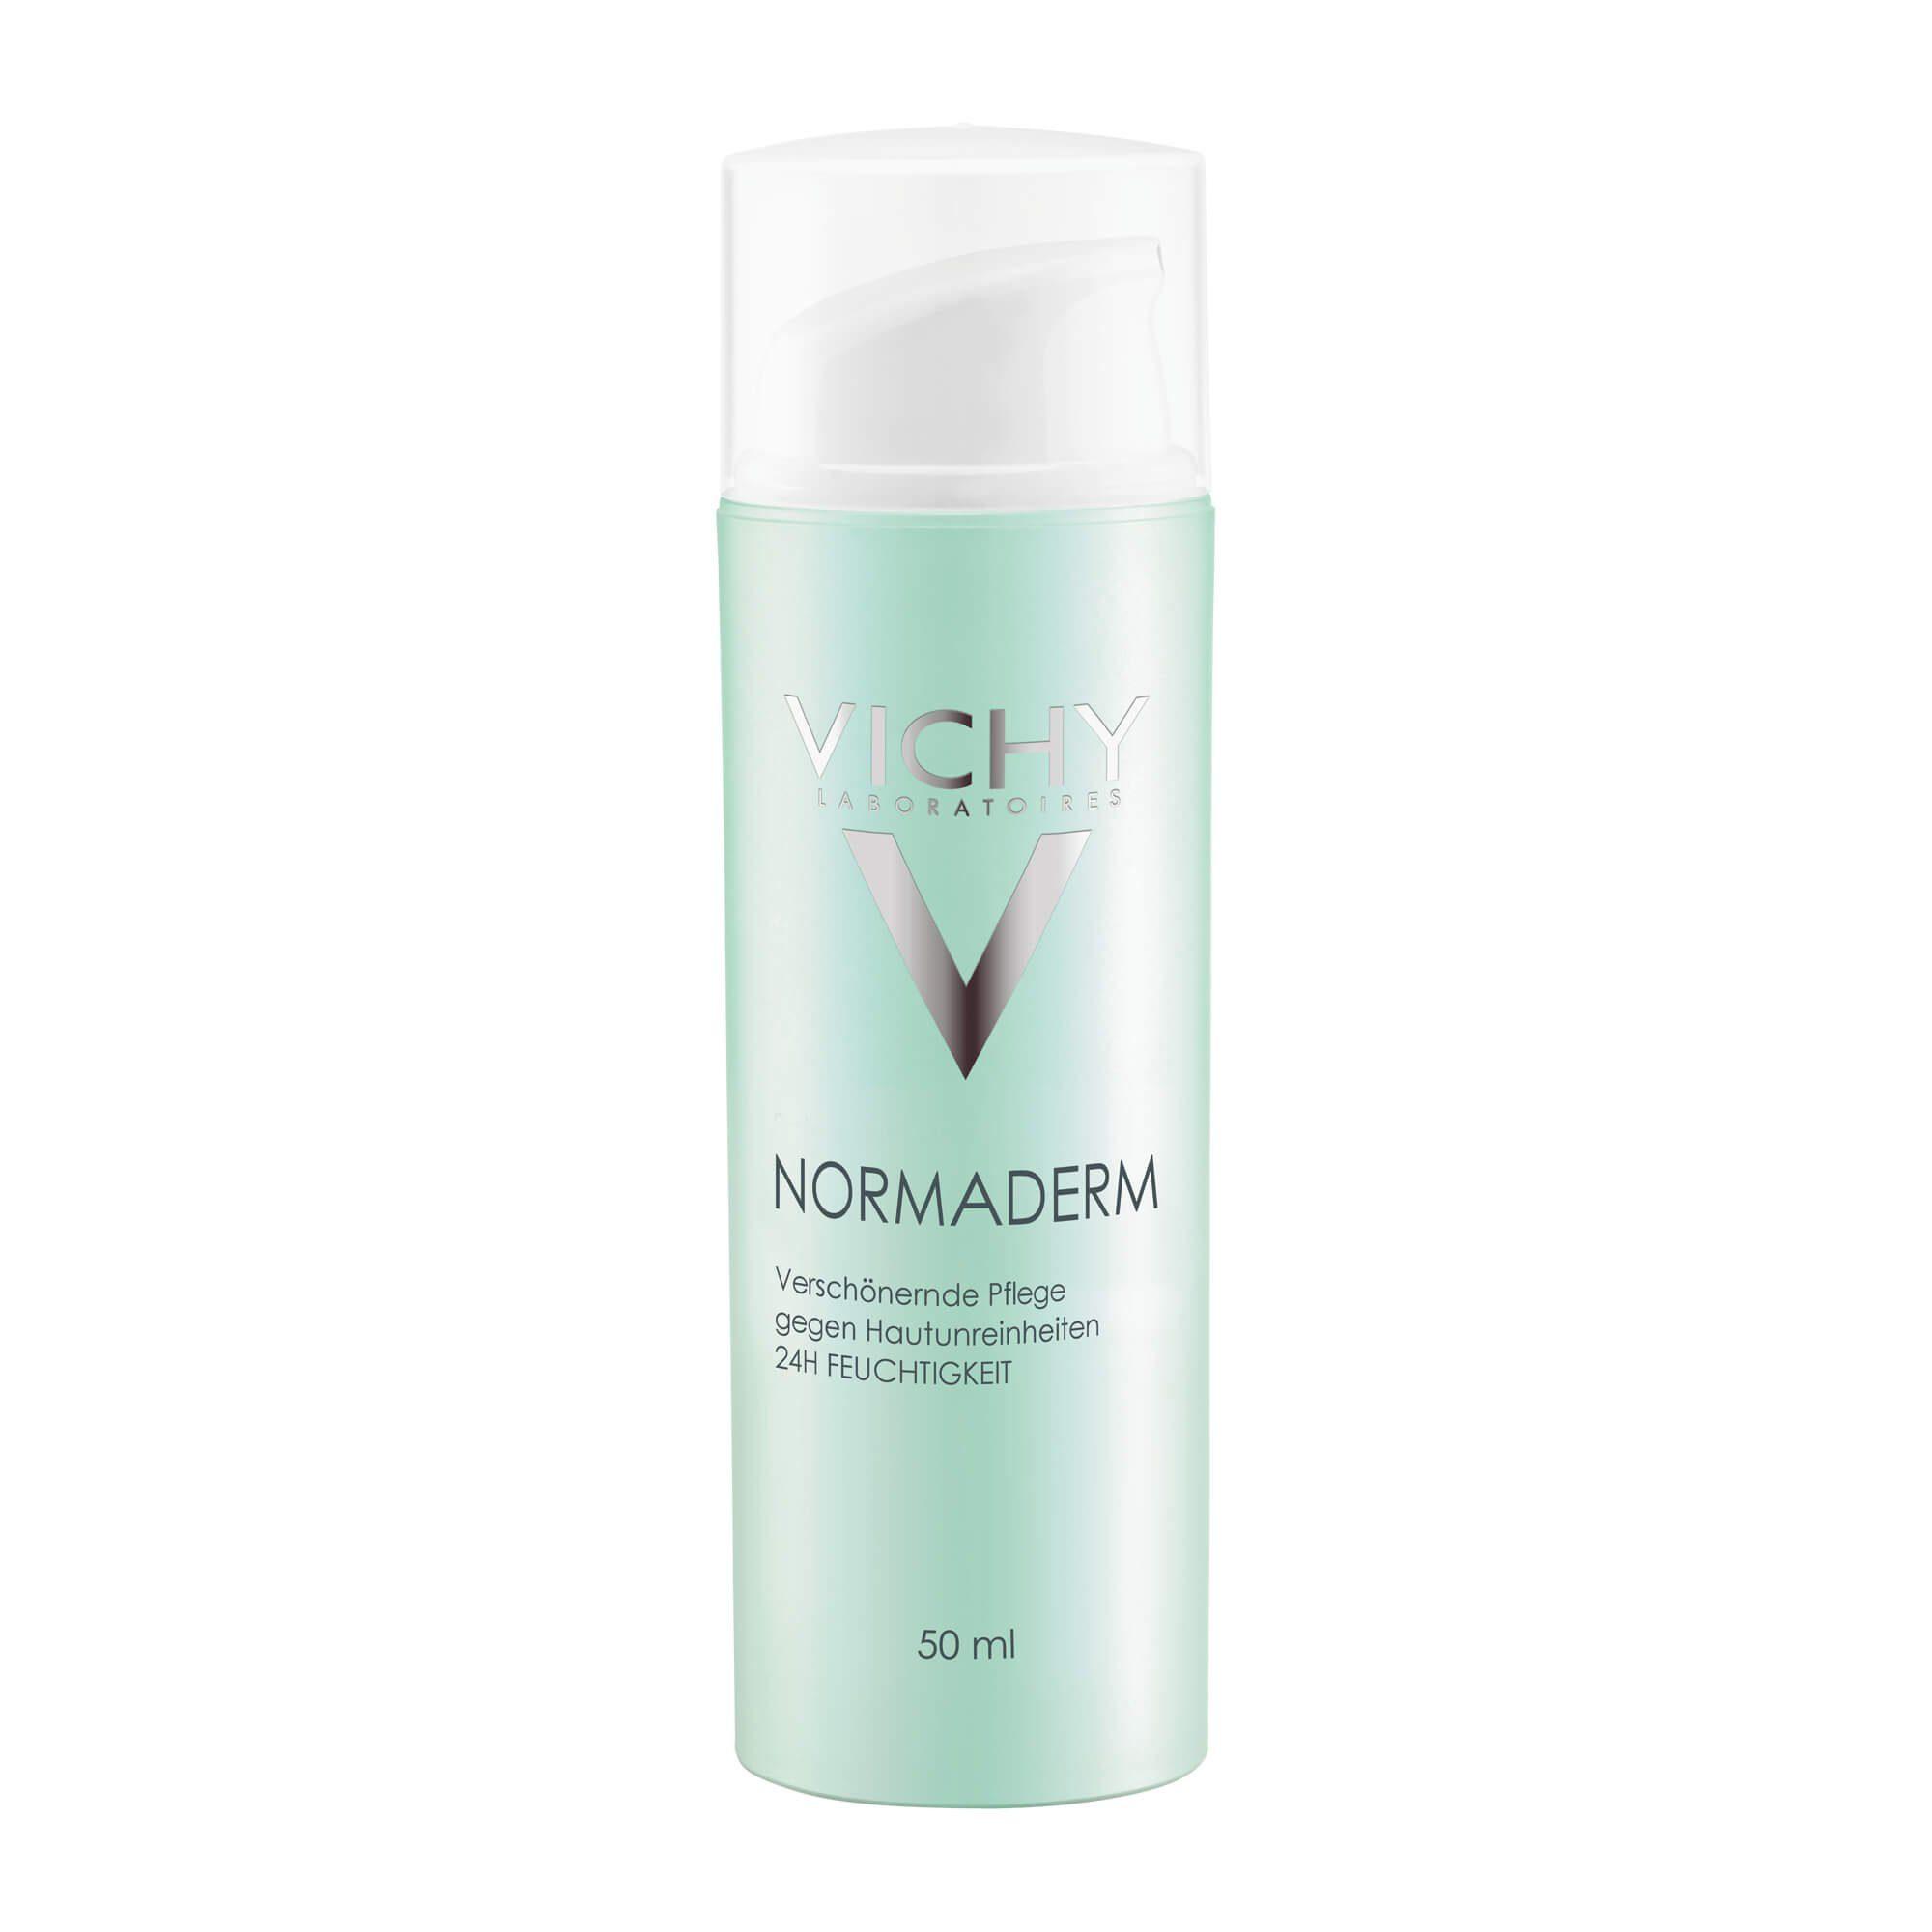 Vichy Vichy Normaderm verschönernde 24h-Feuchtigkeitspflege , 50 ml